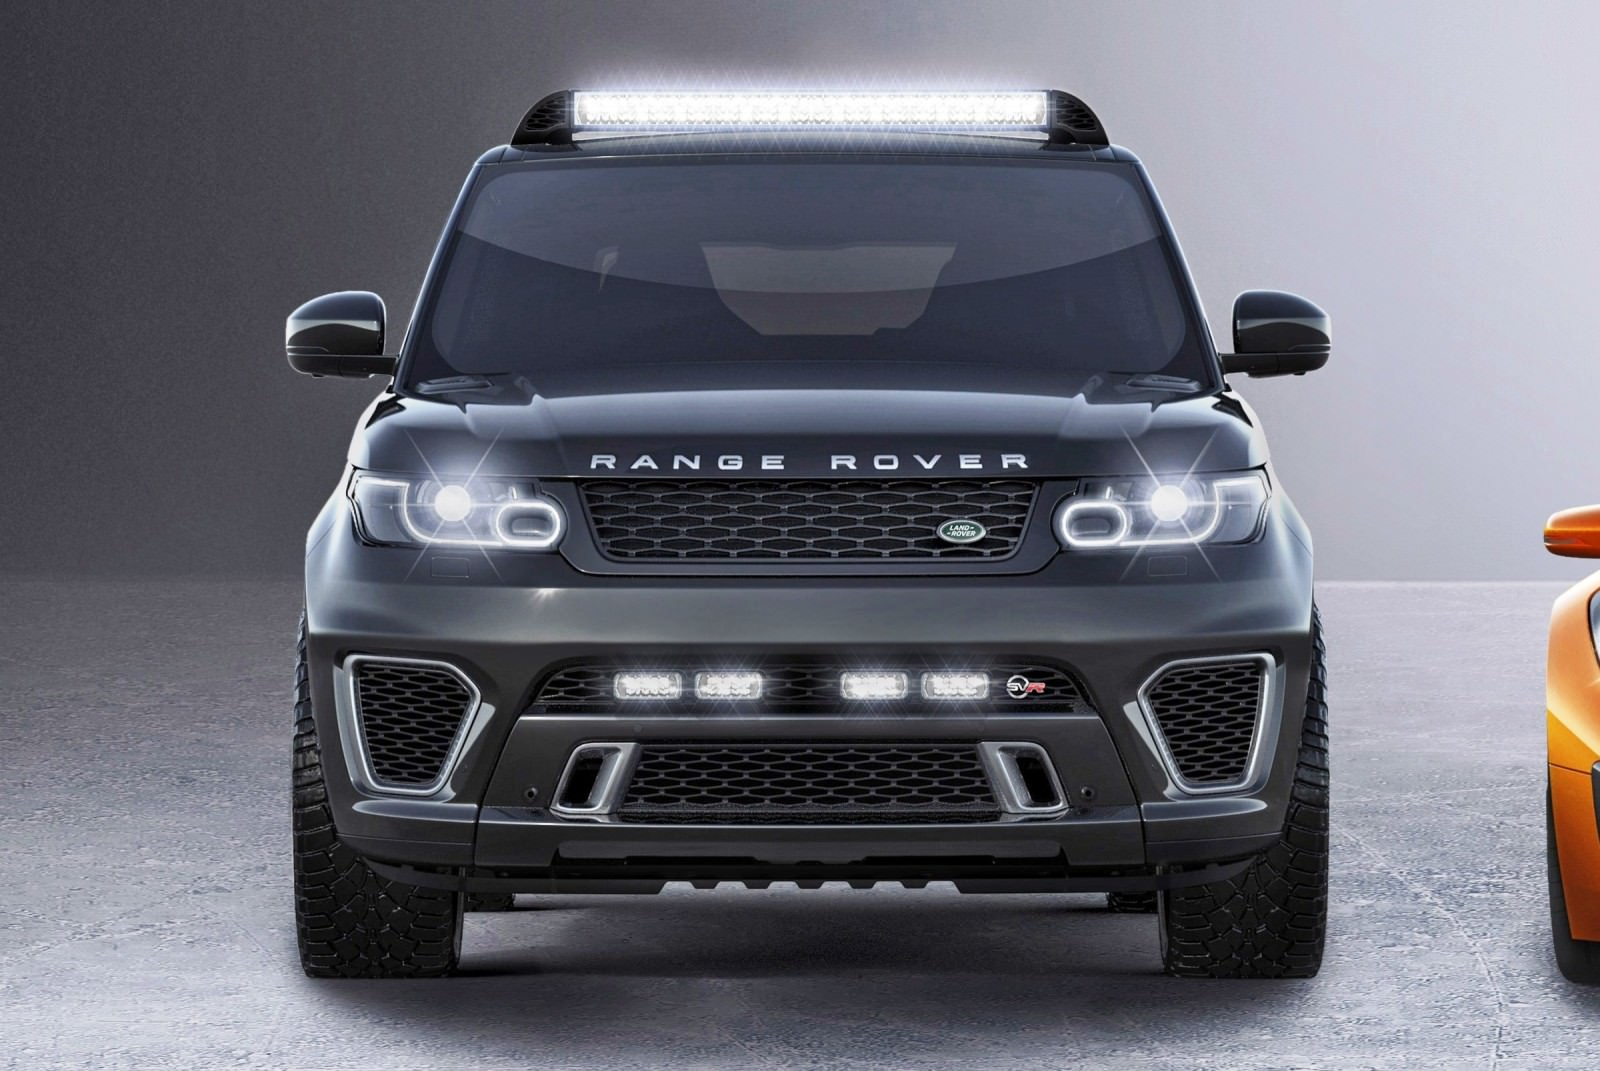 jaguar land rover 007 spectre cars 4. Black Bedroom Furniture Sets. Home Design Ideas